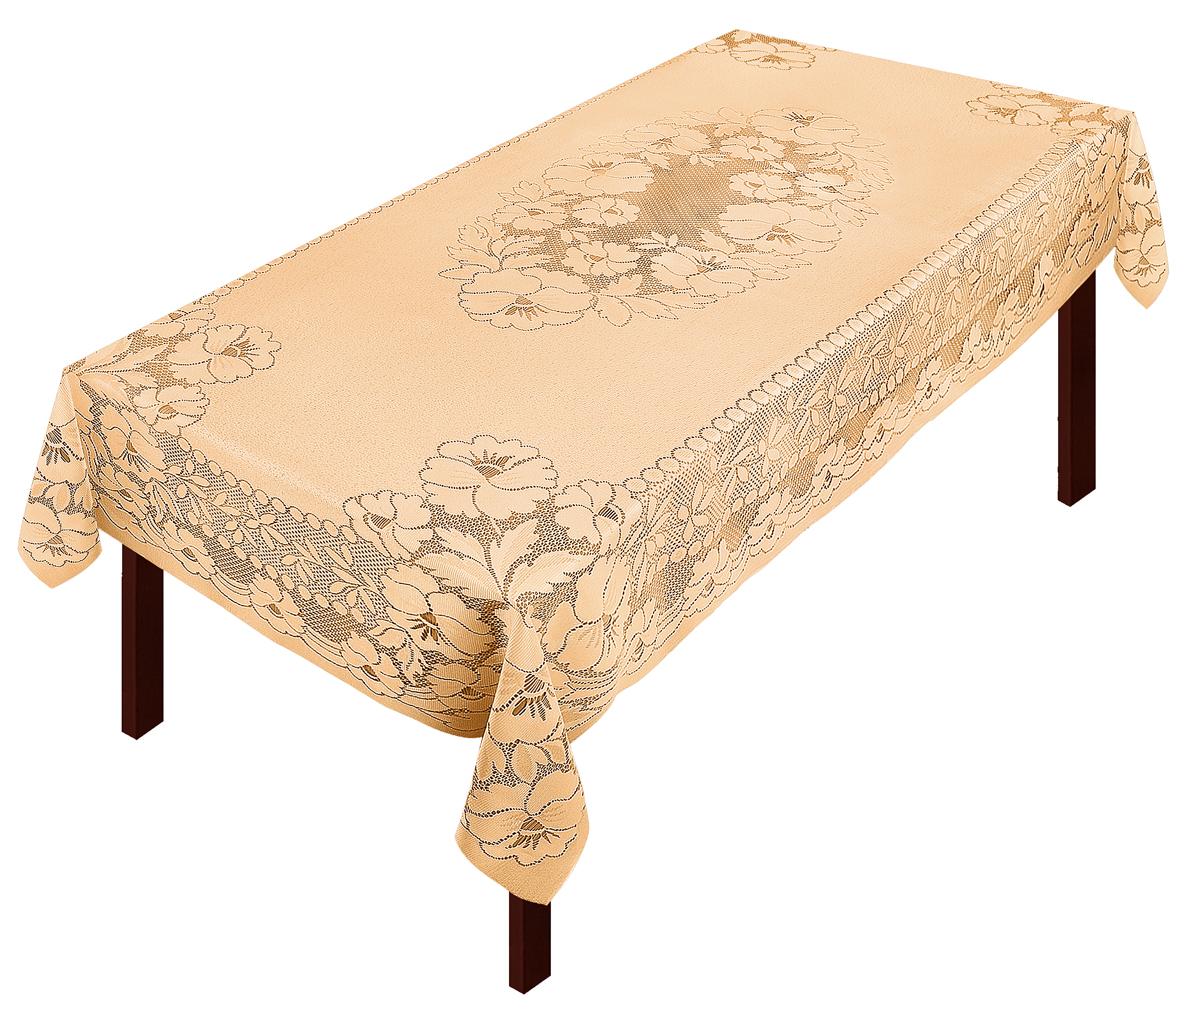 Скатерть Zlata Korunka, прямоугольная, цвет: золотистый, 250 х 150 смVT-1520(SR)Скатерть выполнена из полиэстера жаккардового переплетения, не скользит со стола, легко стирается и прослужит Вам долгое время.